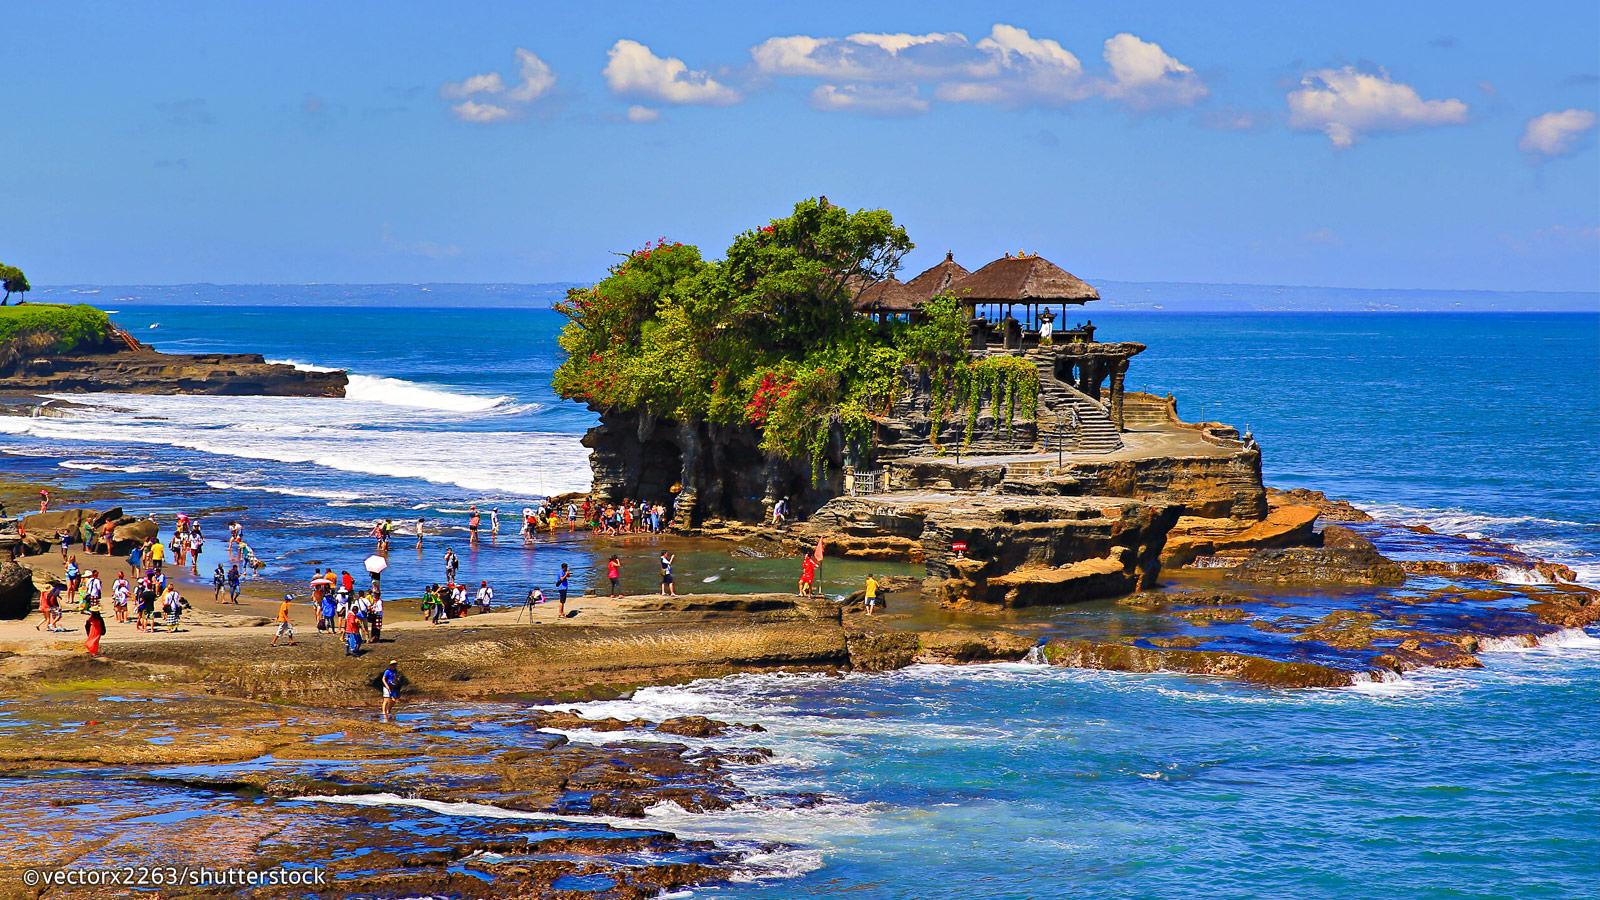 Paket Wisata Bali Overland 2019 Paket Wisata Murah Meriah